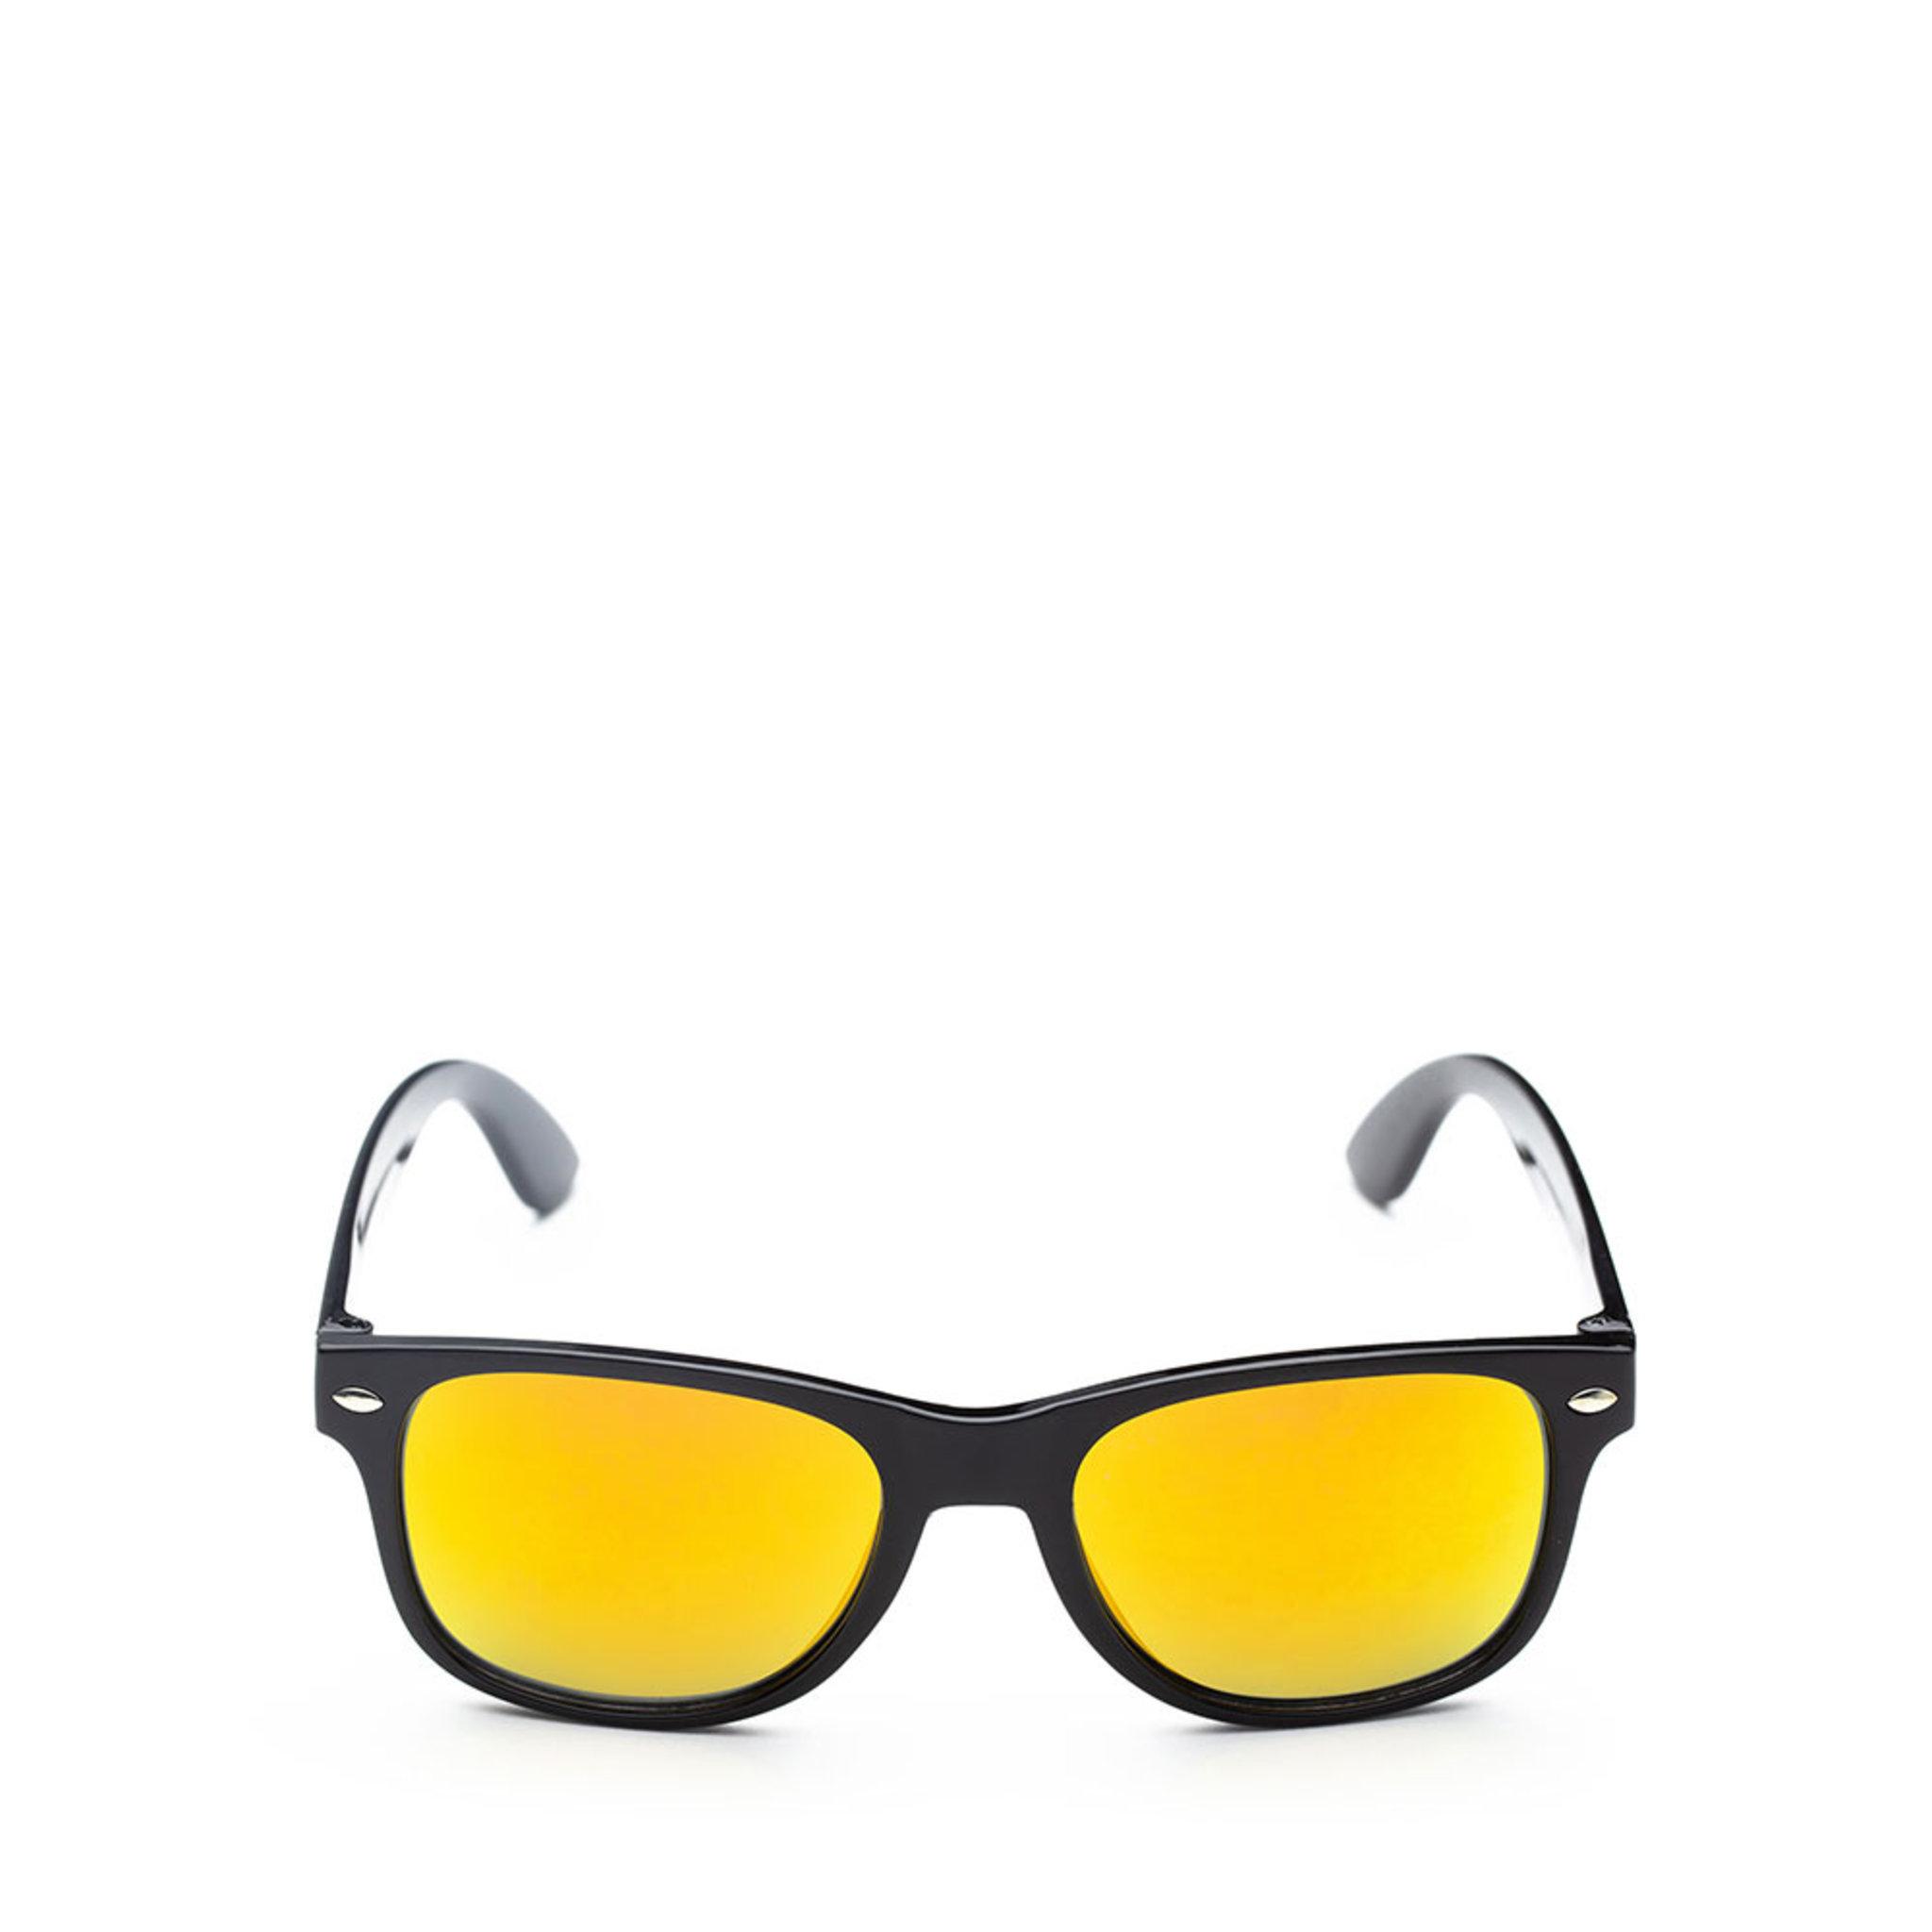 Juno barnsolglasögon